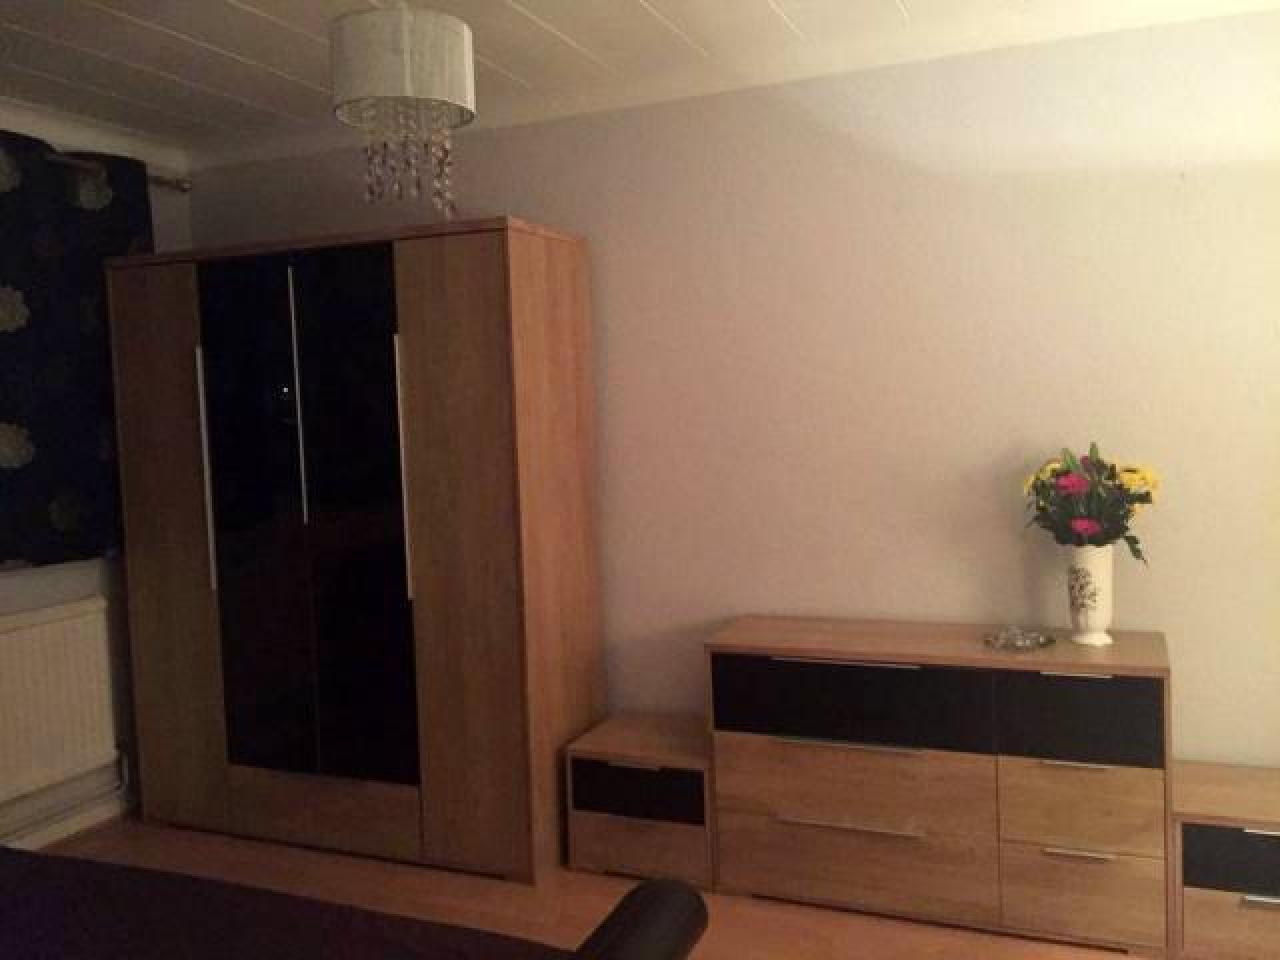 Сдается замечательная двухместная комната в Eltham. ВСЕ СЧЕТА ВКЛЮЧЕНЫ. - 2